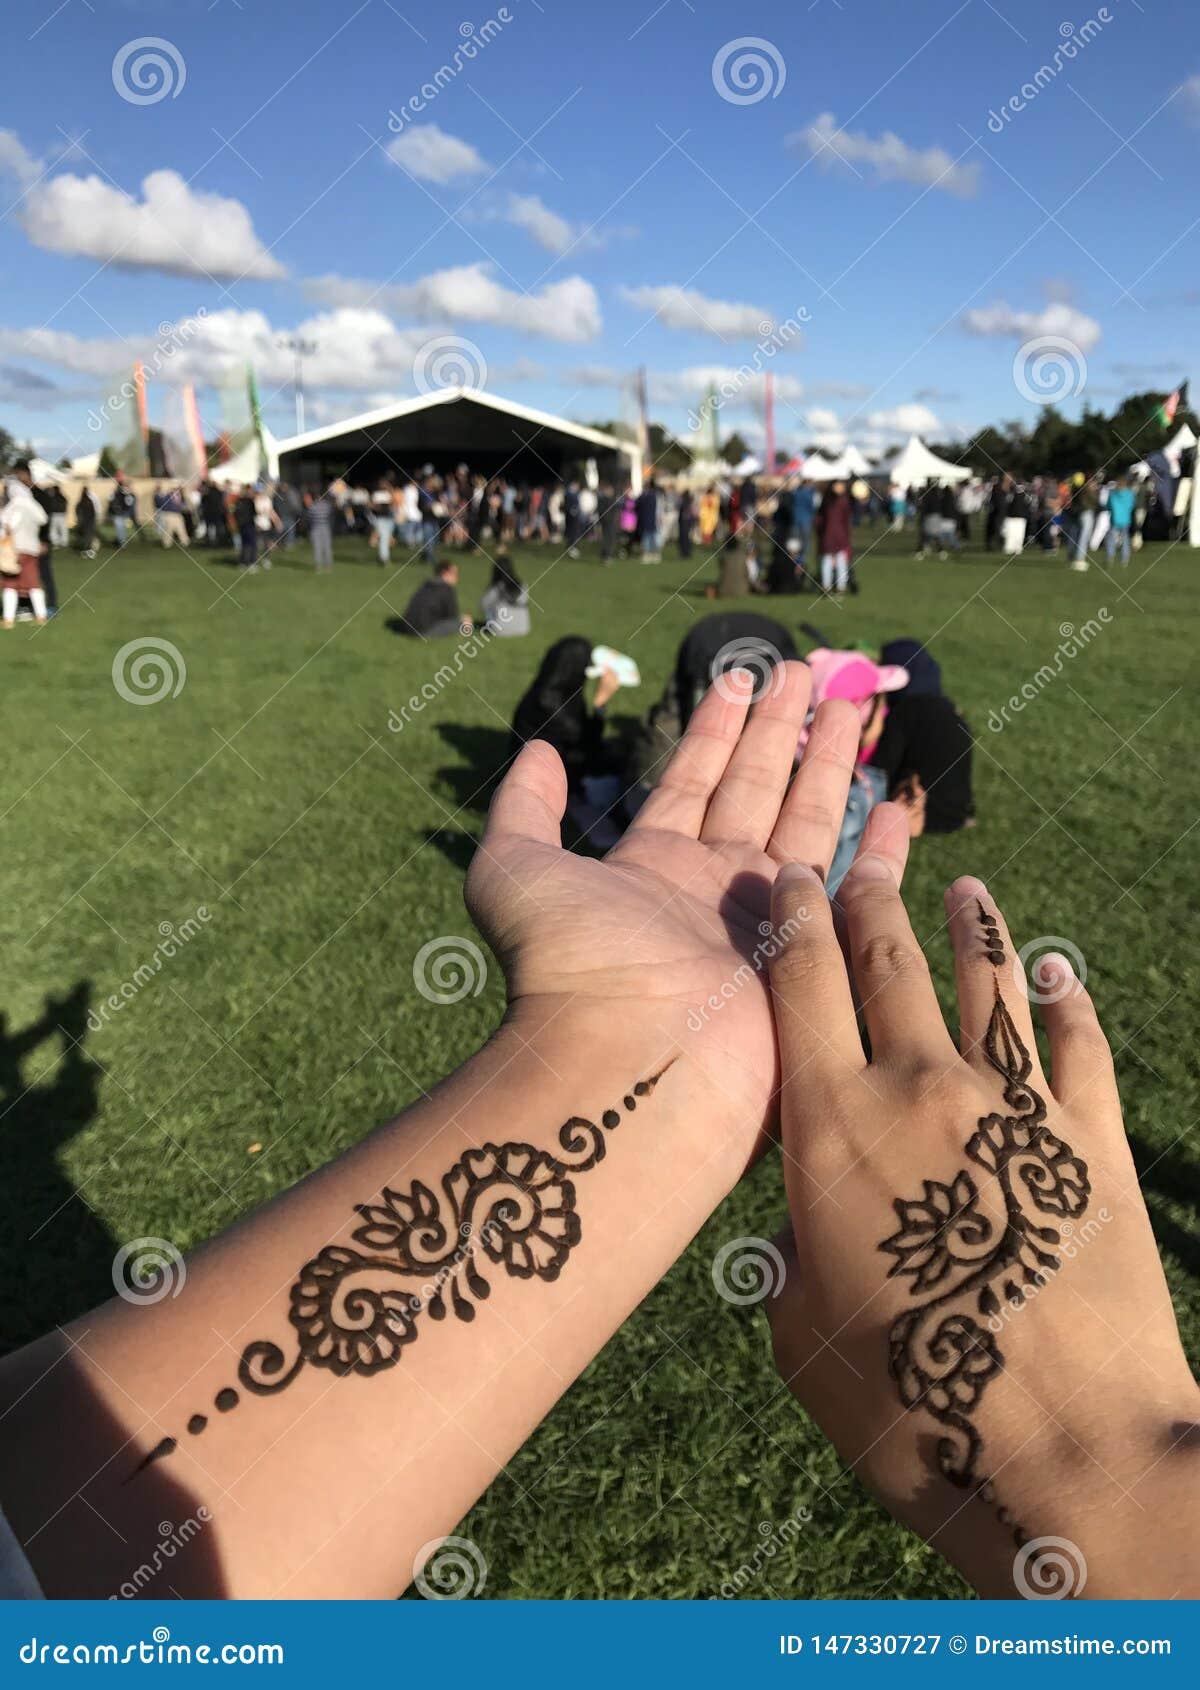 Tatuering på händerna